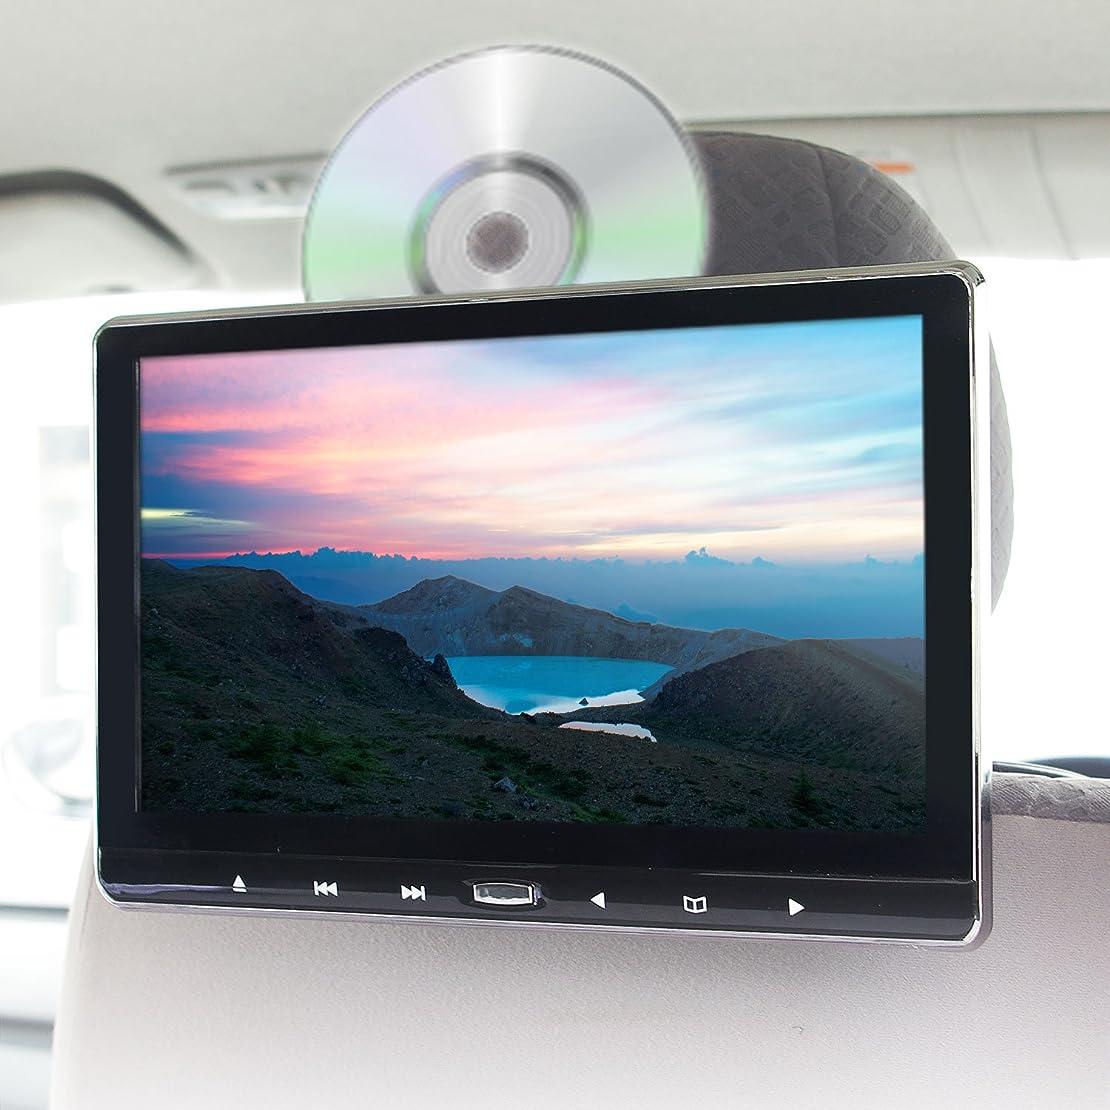 最小センサー胚POMILE カーオーディオ Bluetooth対応 1din カーステレオ ステレオレシーバー FMラジオプレーヤー ハンズフリー通話サポート フロントAUX/USB/SD端子搭載 12V車用 スマホに充電可能 イルミネーション効果 一年保証 日本語マニュアル付き